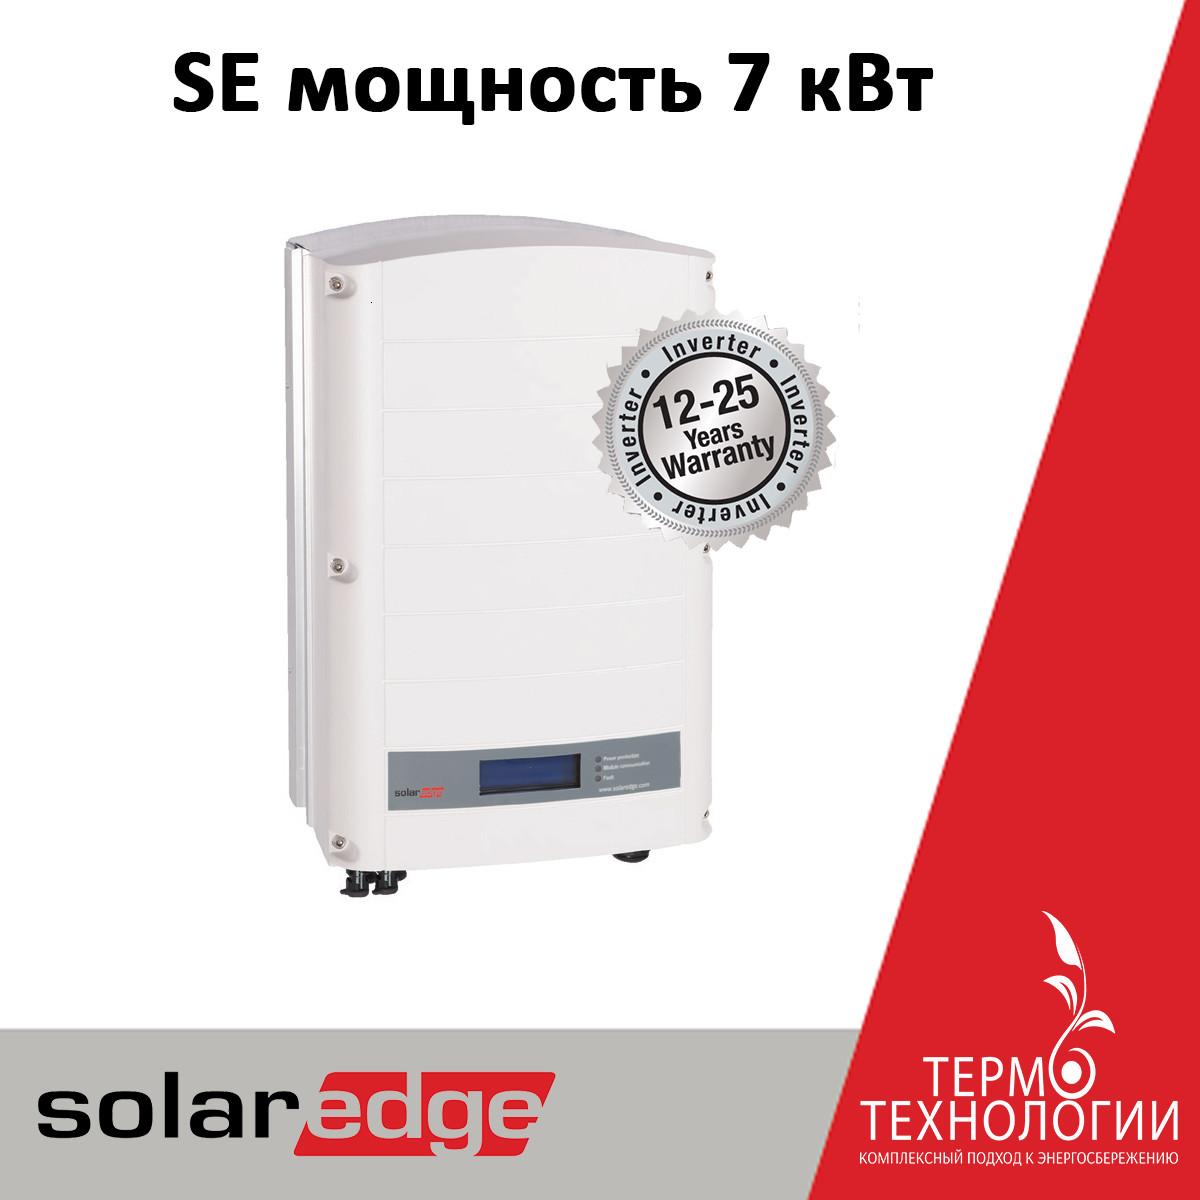 Солнечный инвертор сетевой SolarEdge 7 кВт, 3Ф